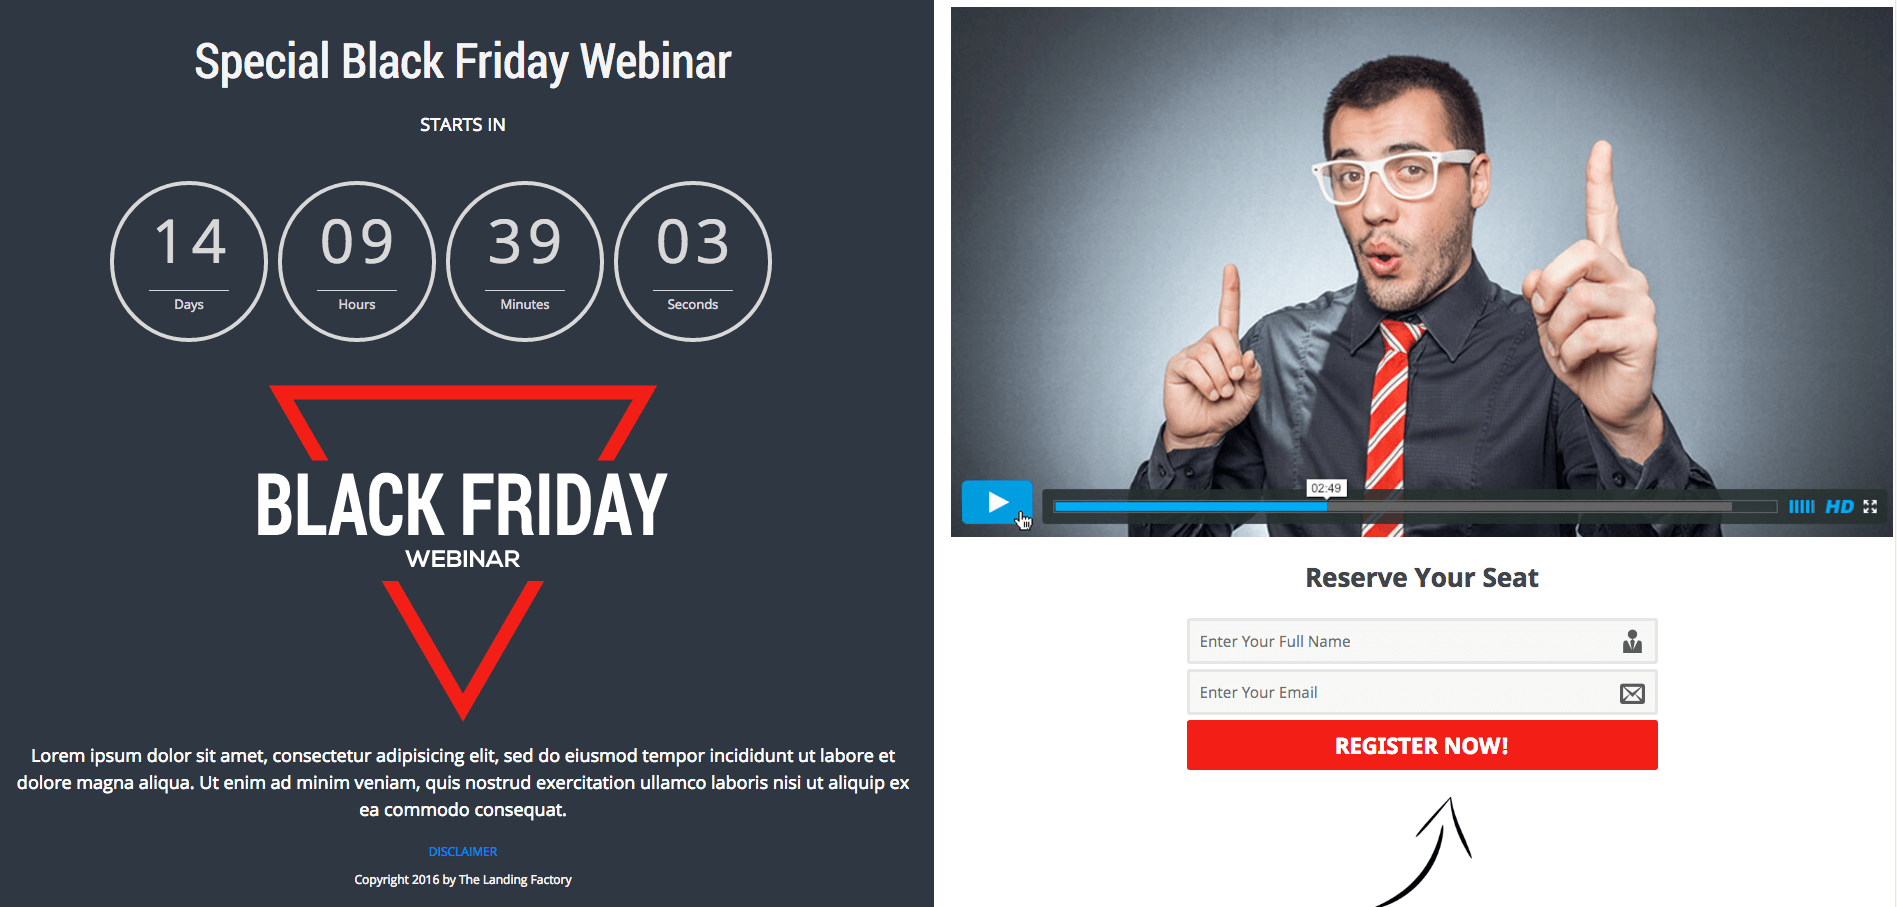 Special-Black-Friday-Webinar